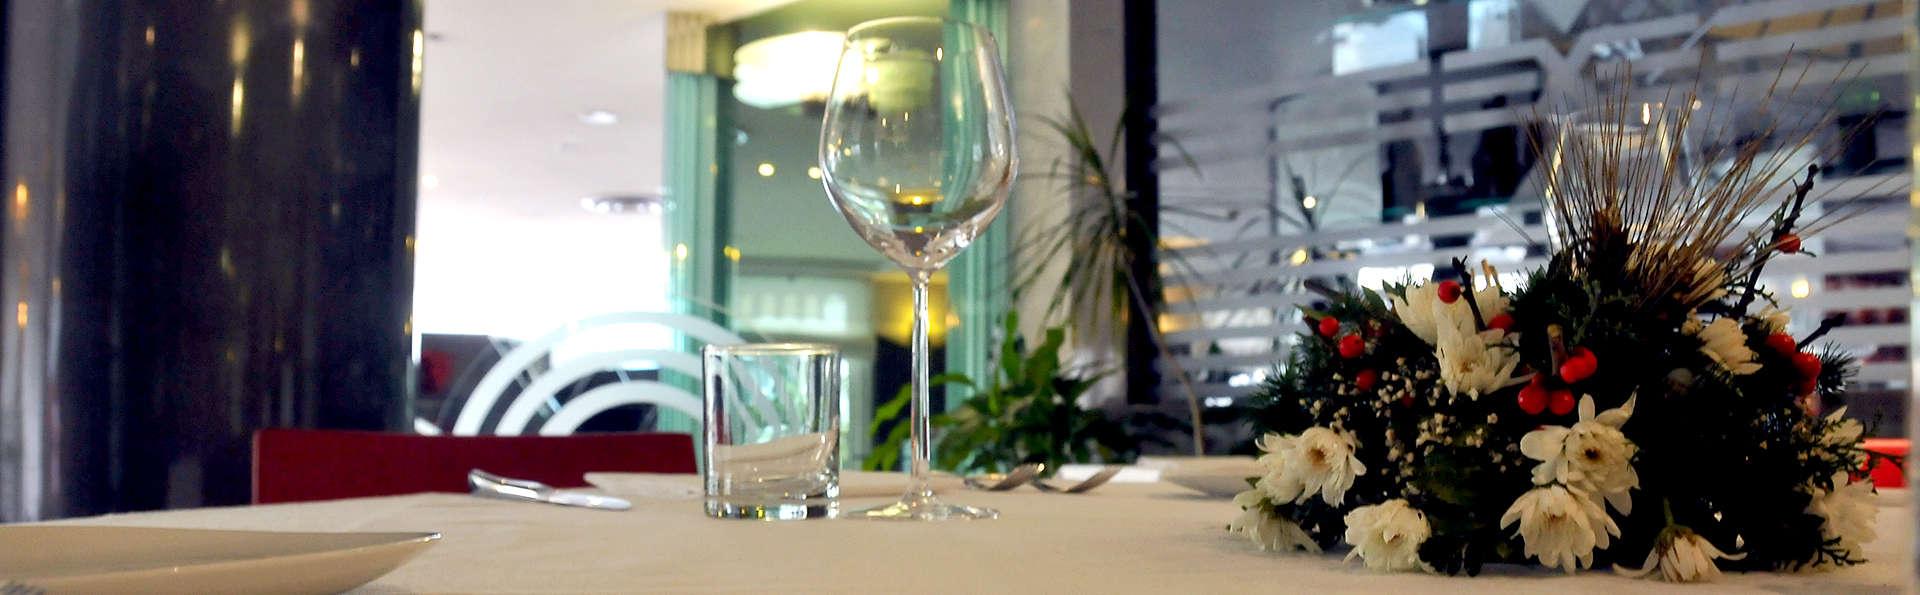 Mezza pensione in un elegante hotel 4* vicino a Cosenza (da 3 notti)